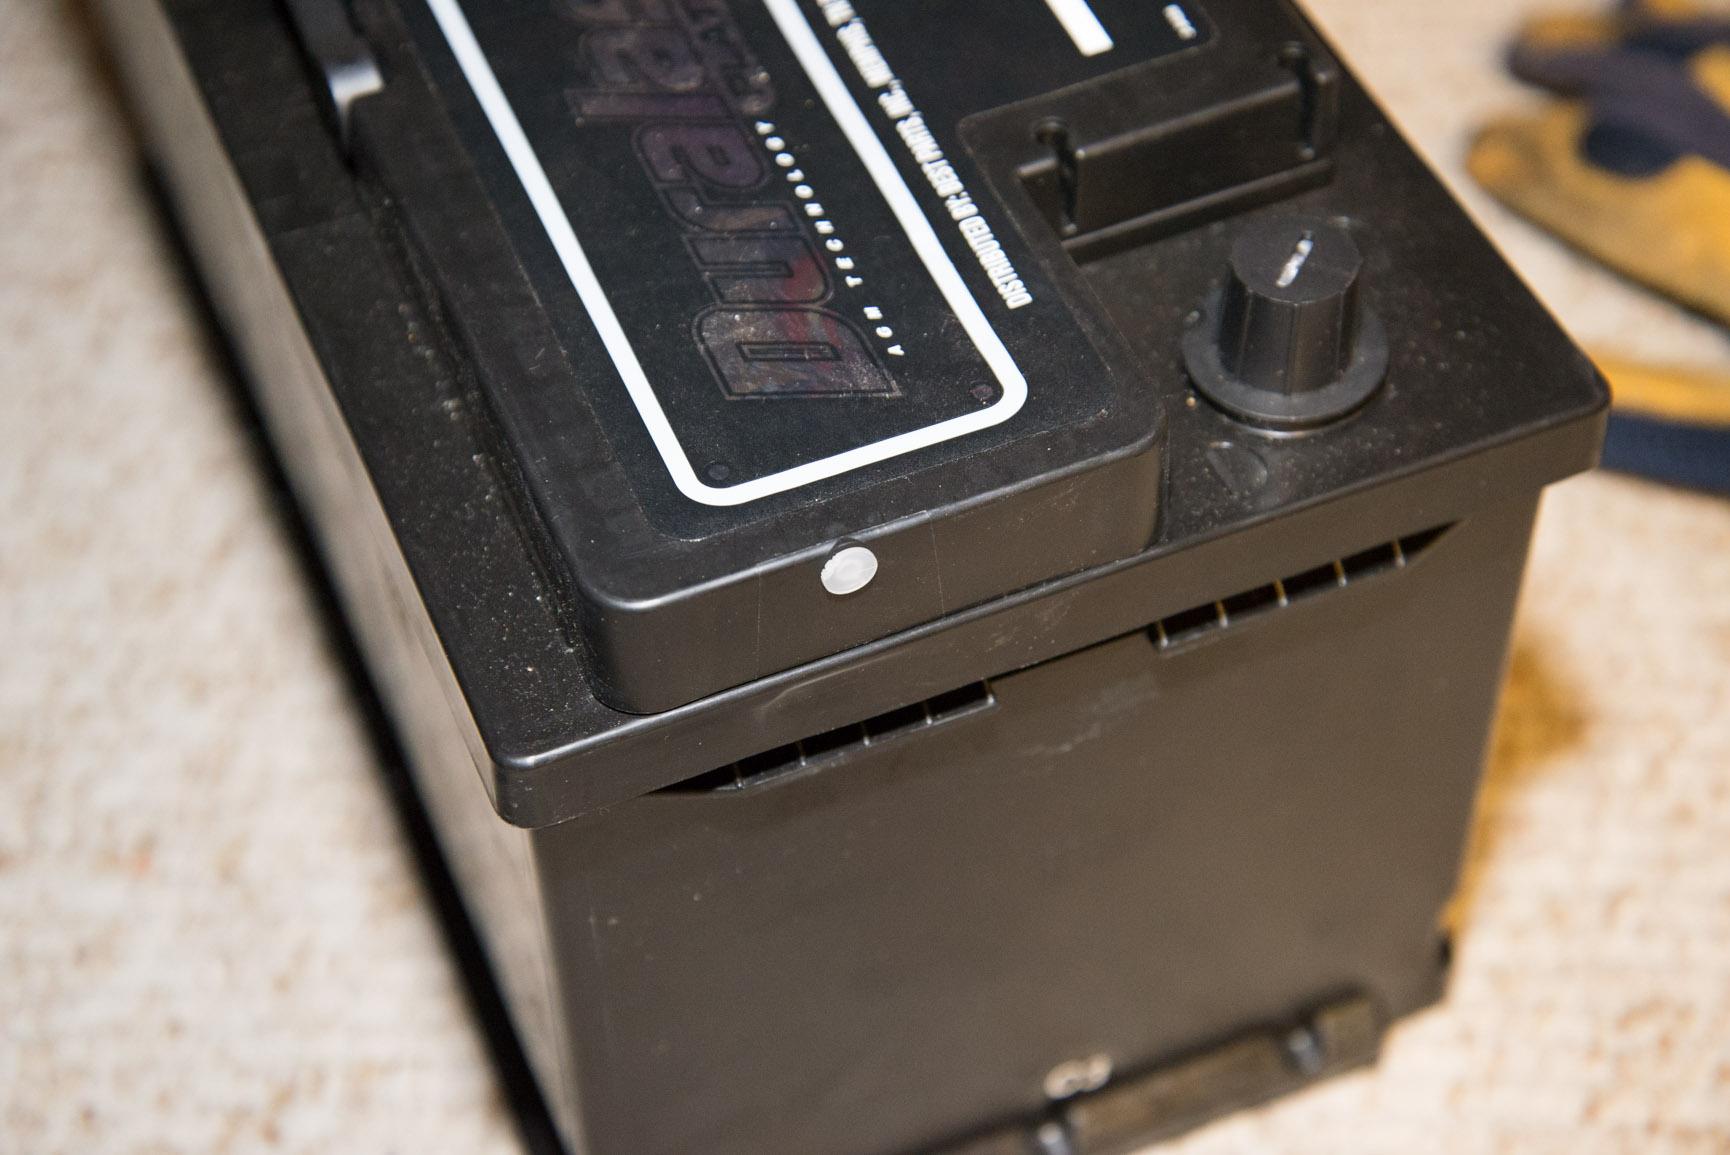 2008 e60 m5 battery replacement dsc_7536 jpg